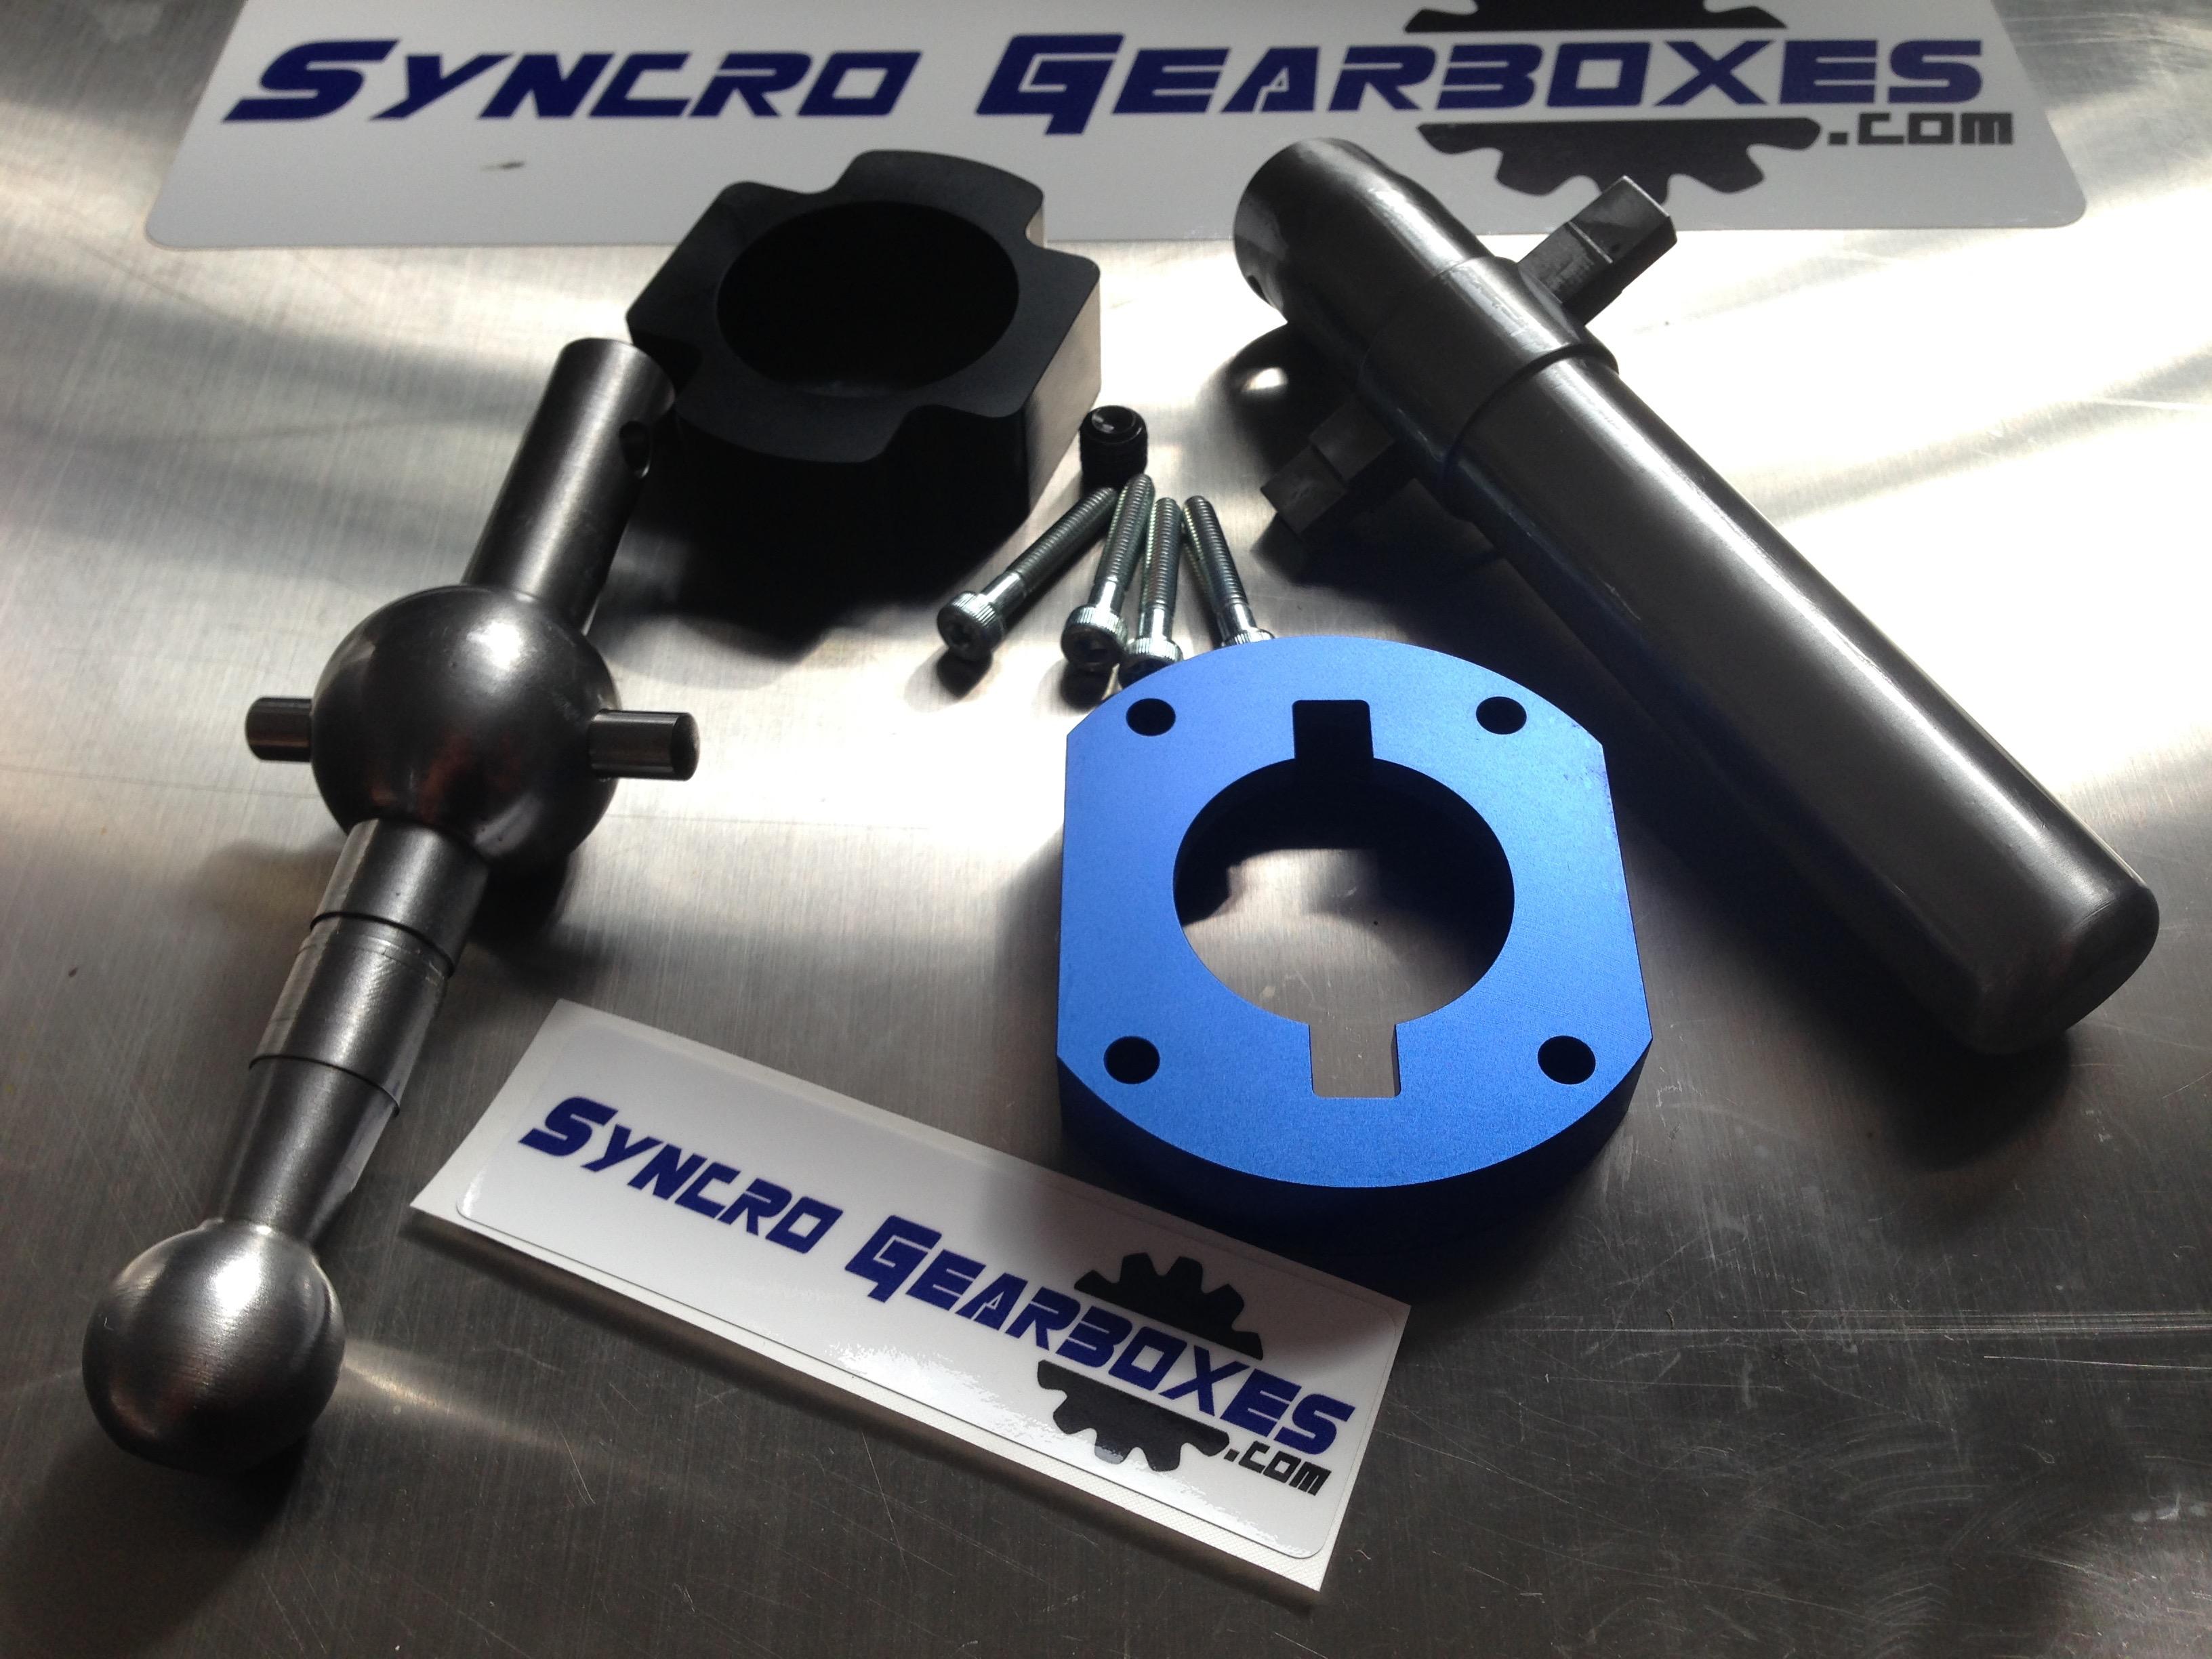 allen gear box